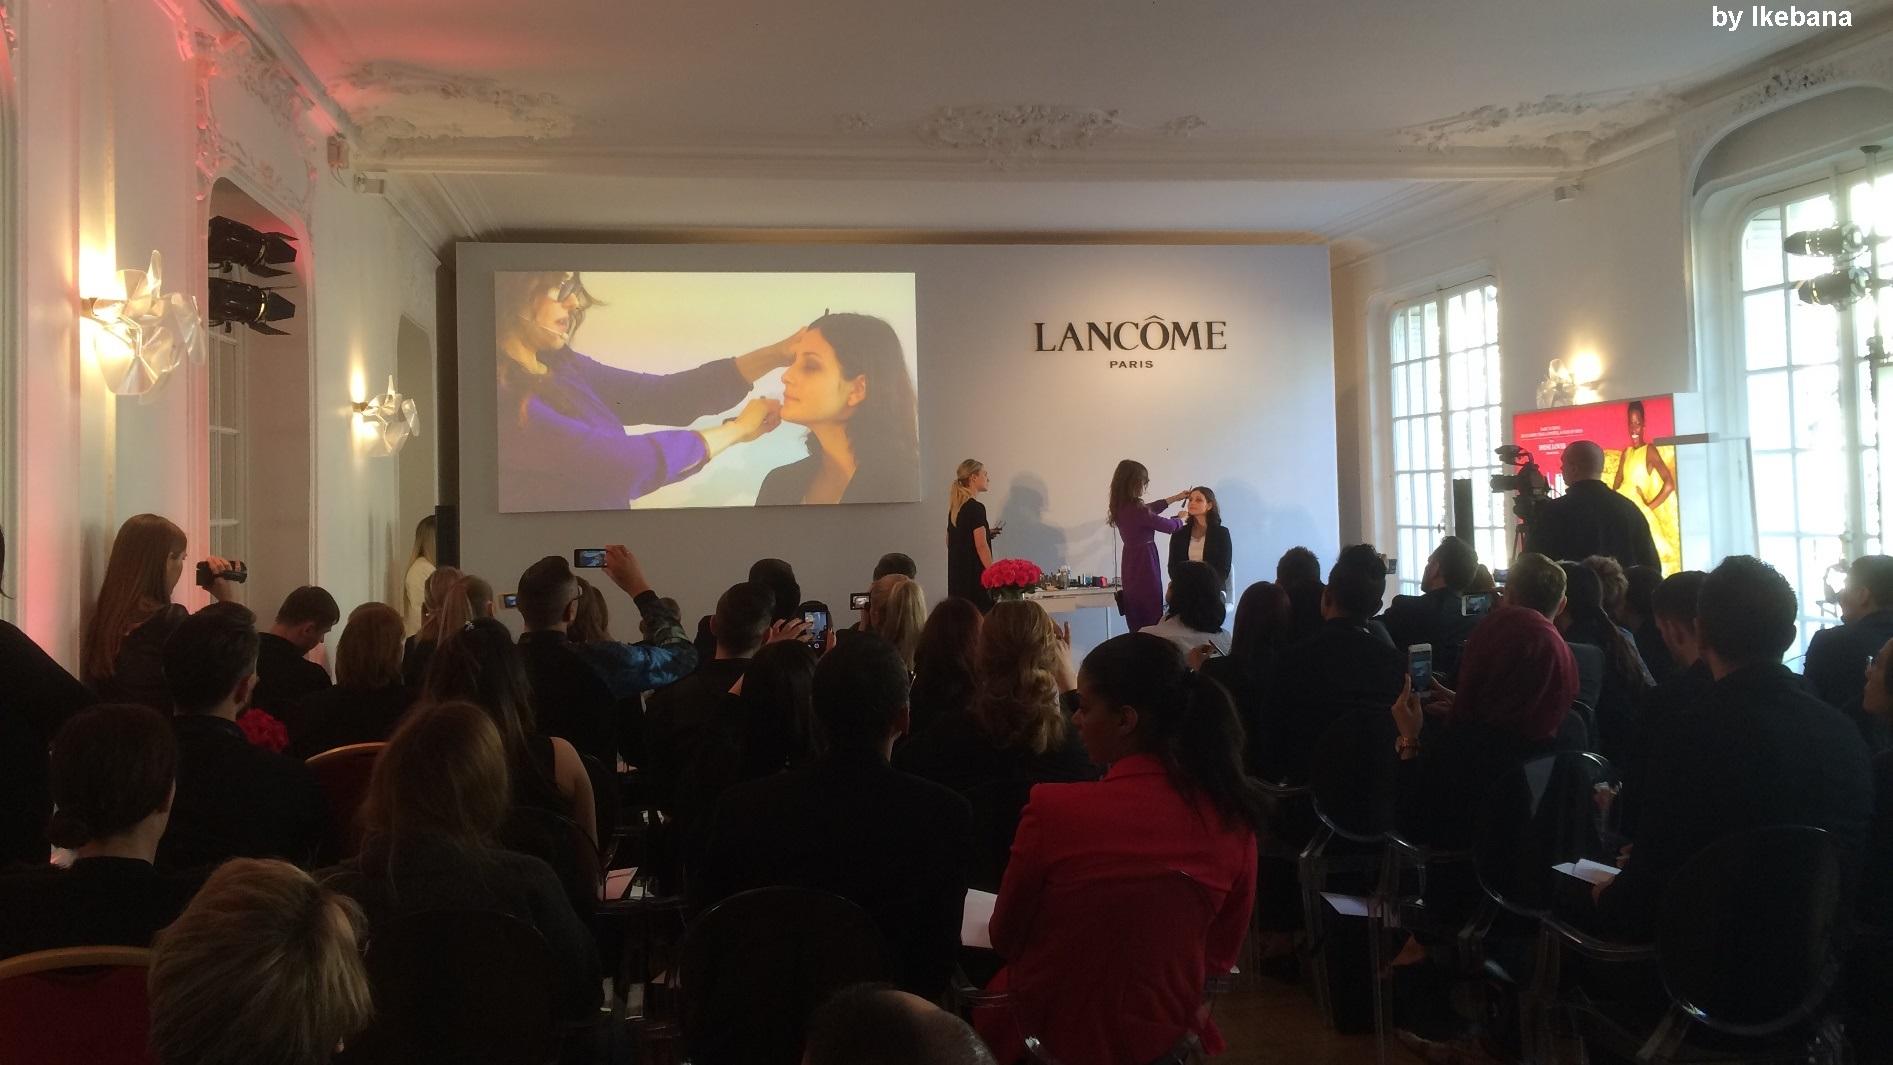 Lancôme Paris - agence Ikebana - Lancôme- AUCOP pour équiper les Salons Hoche dans le cadre d'une démonstration maquillage à Paris.